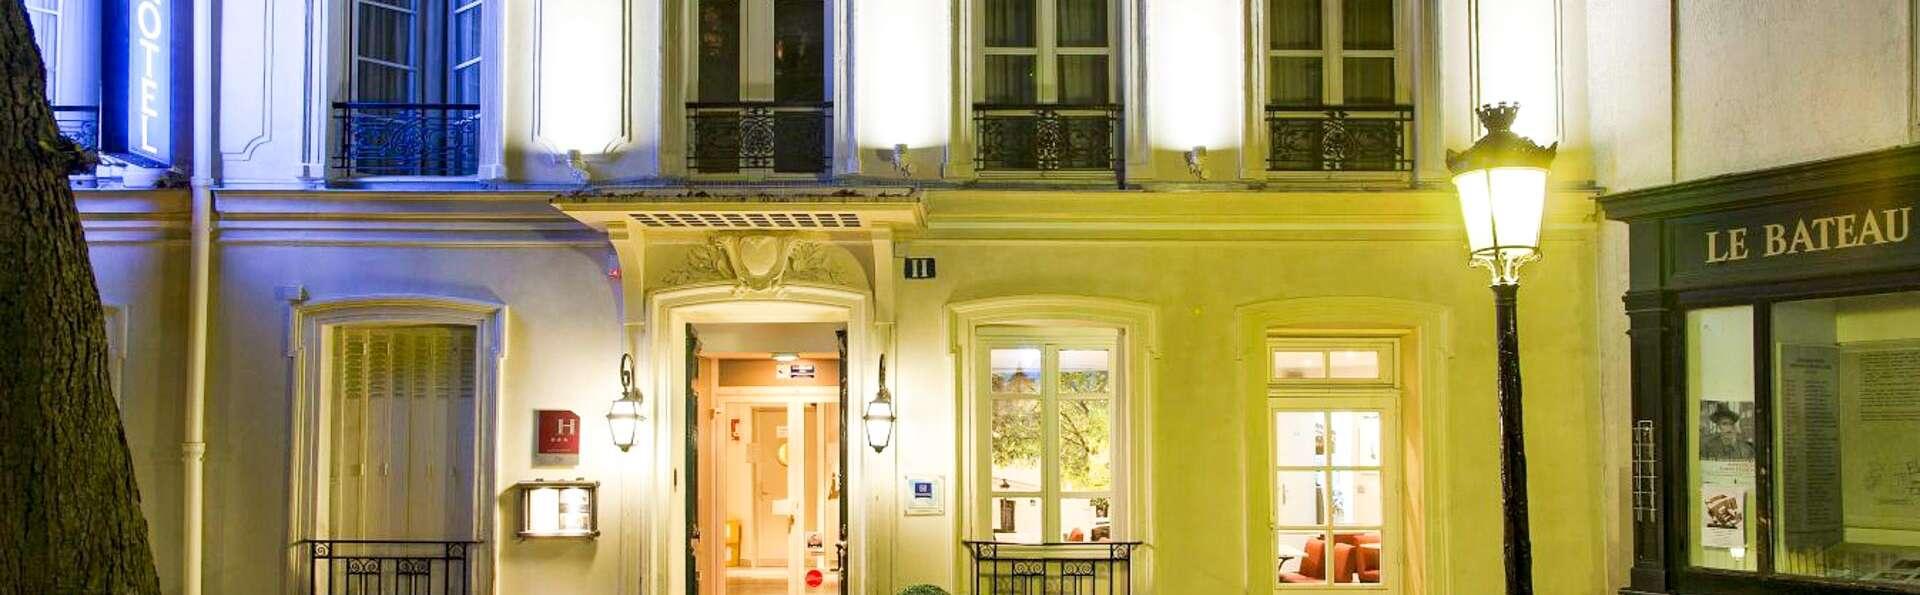 Timhotel Montmartre - EDIT_N3_FRONT_03.jpg